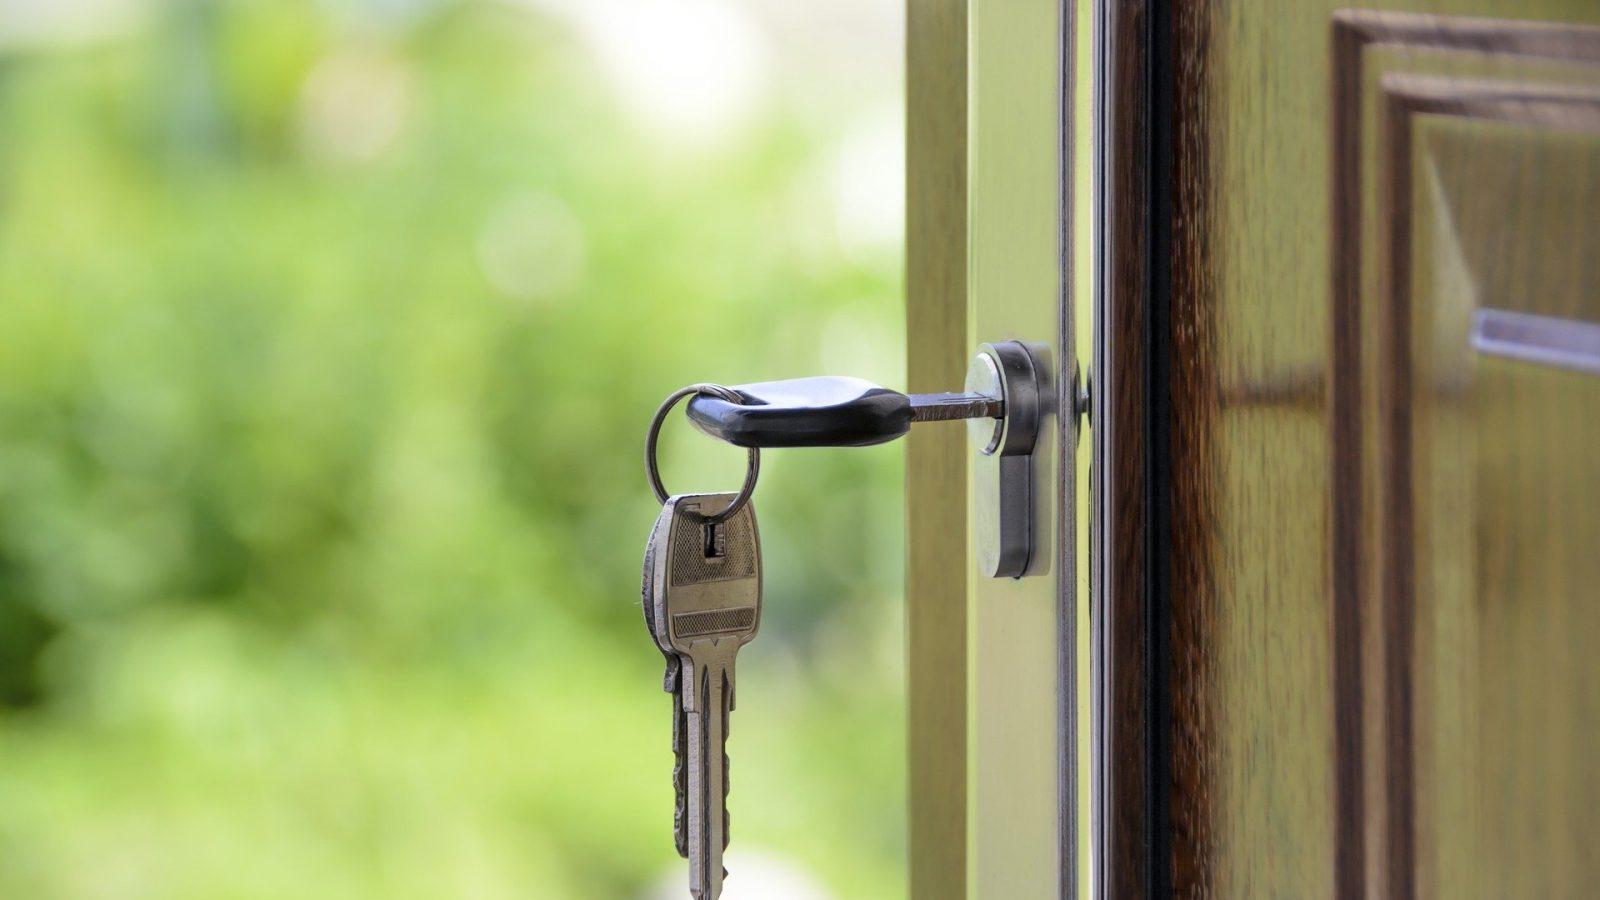 mangotree verzekeringen hypotheekadvies